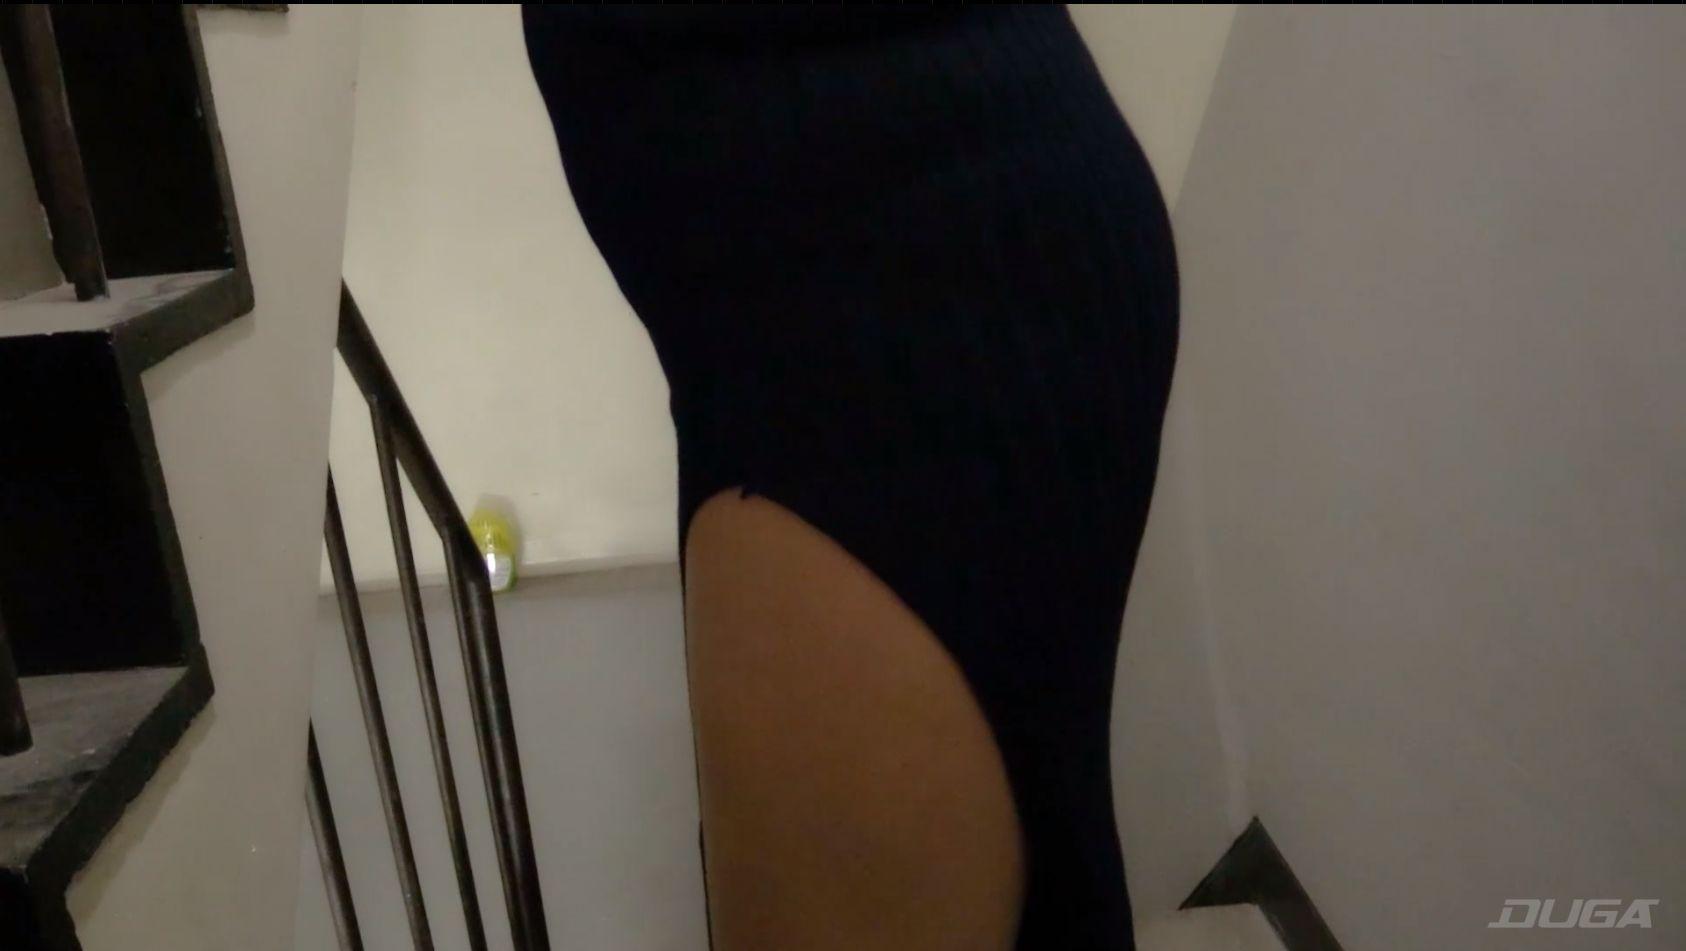 過激な私服で痴漢現場に向かう素人熟女 乾沙衣の下半身